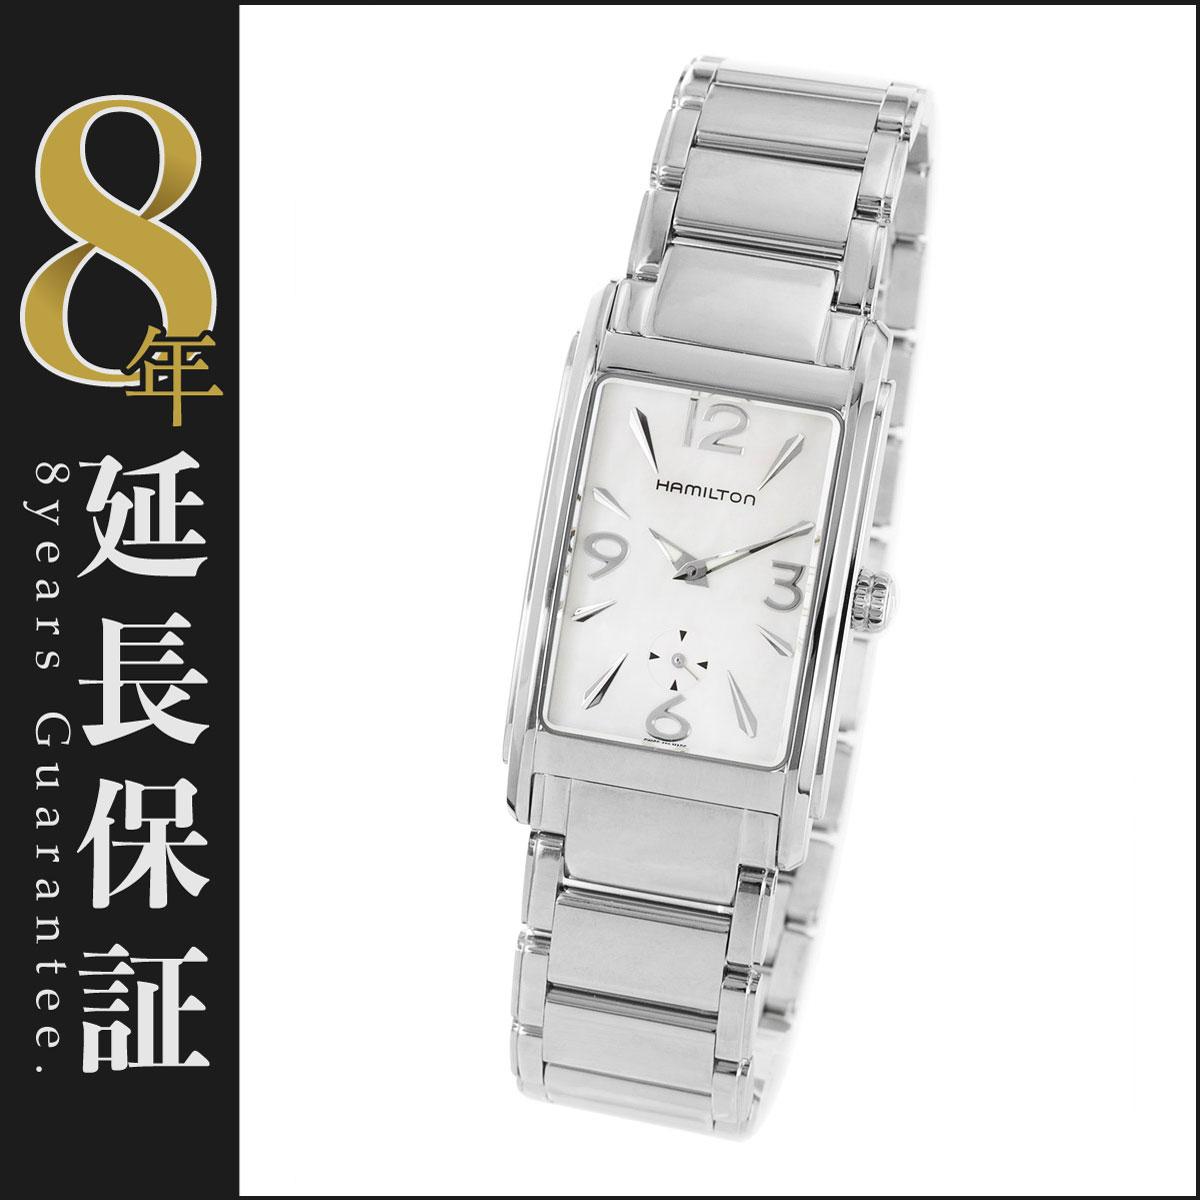 ハミルトン HAMILTON 腕時計 アードモア レディース H11411155_8